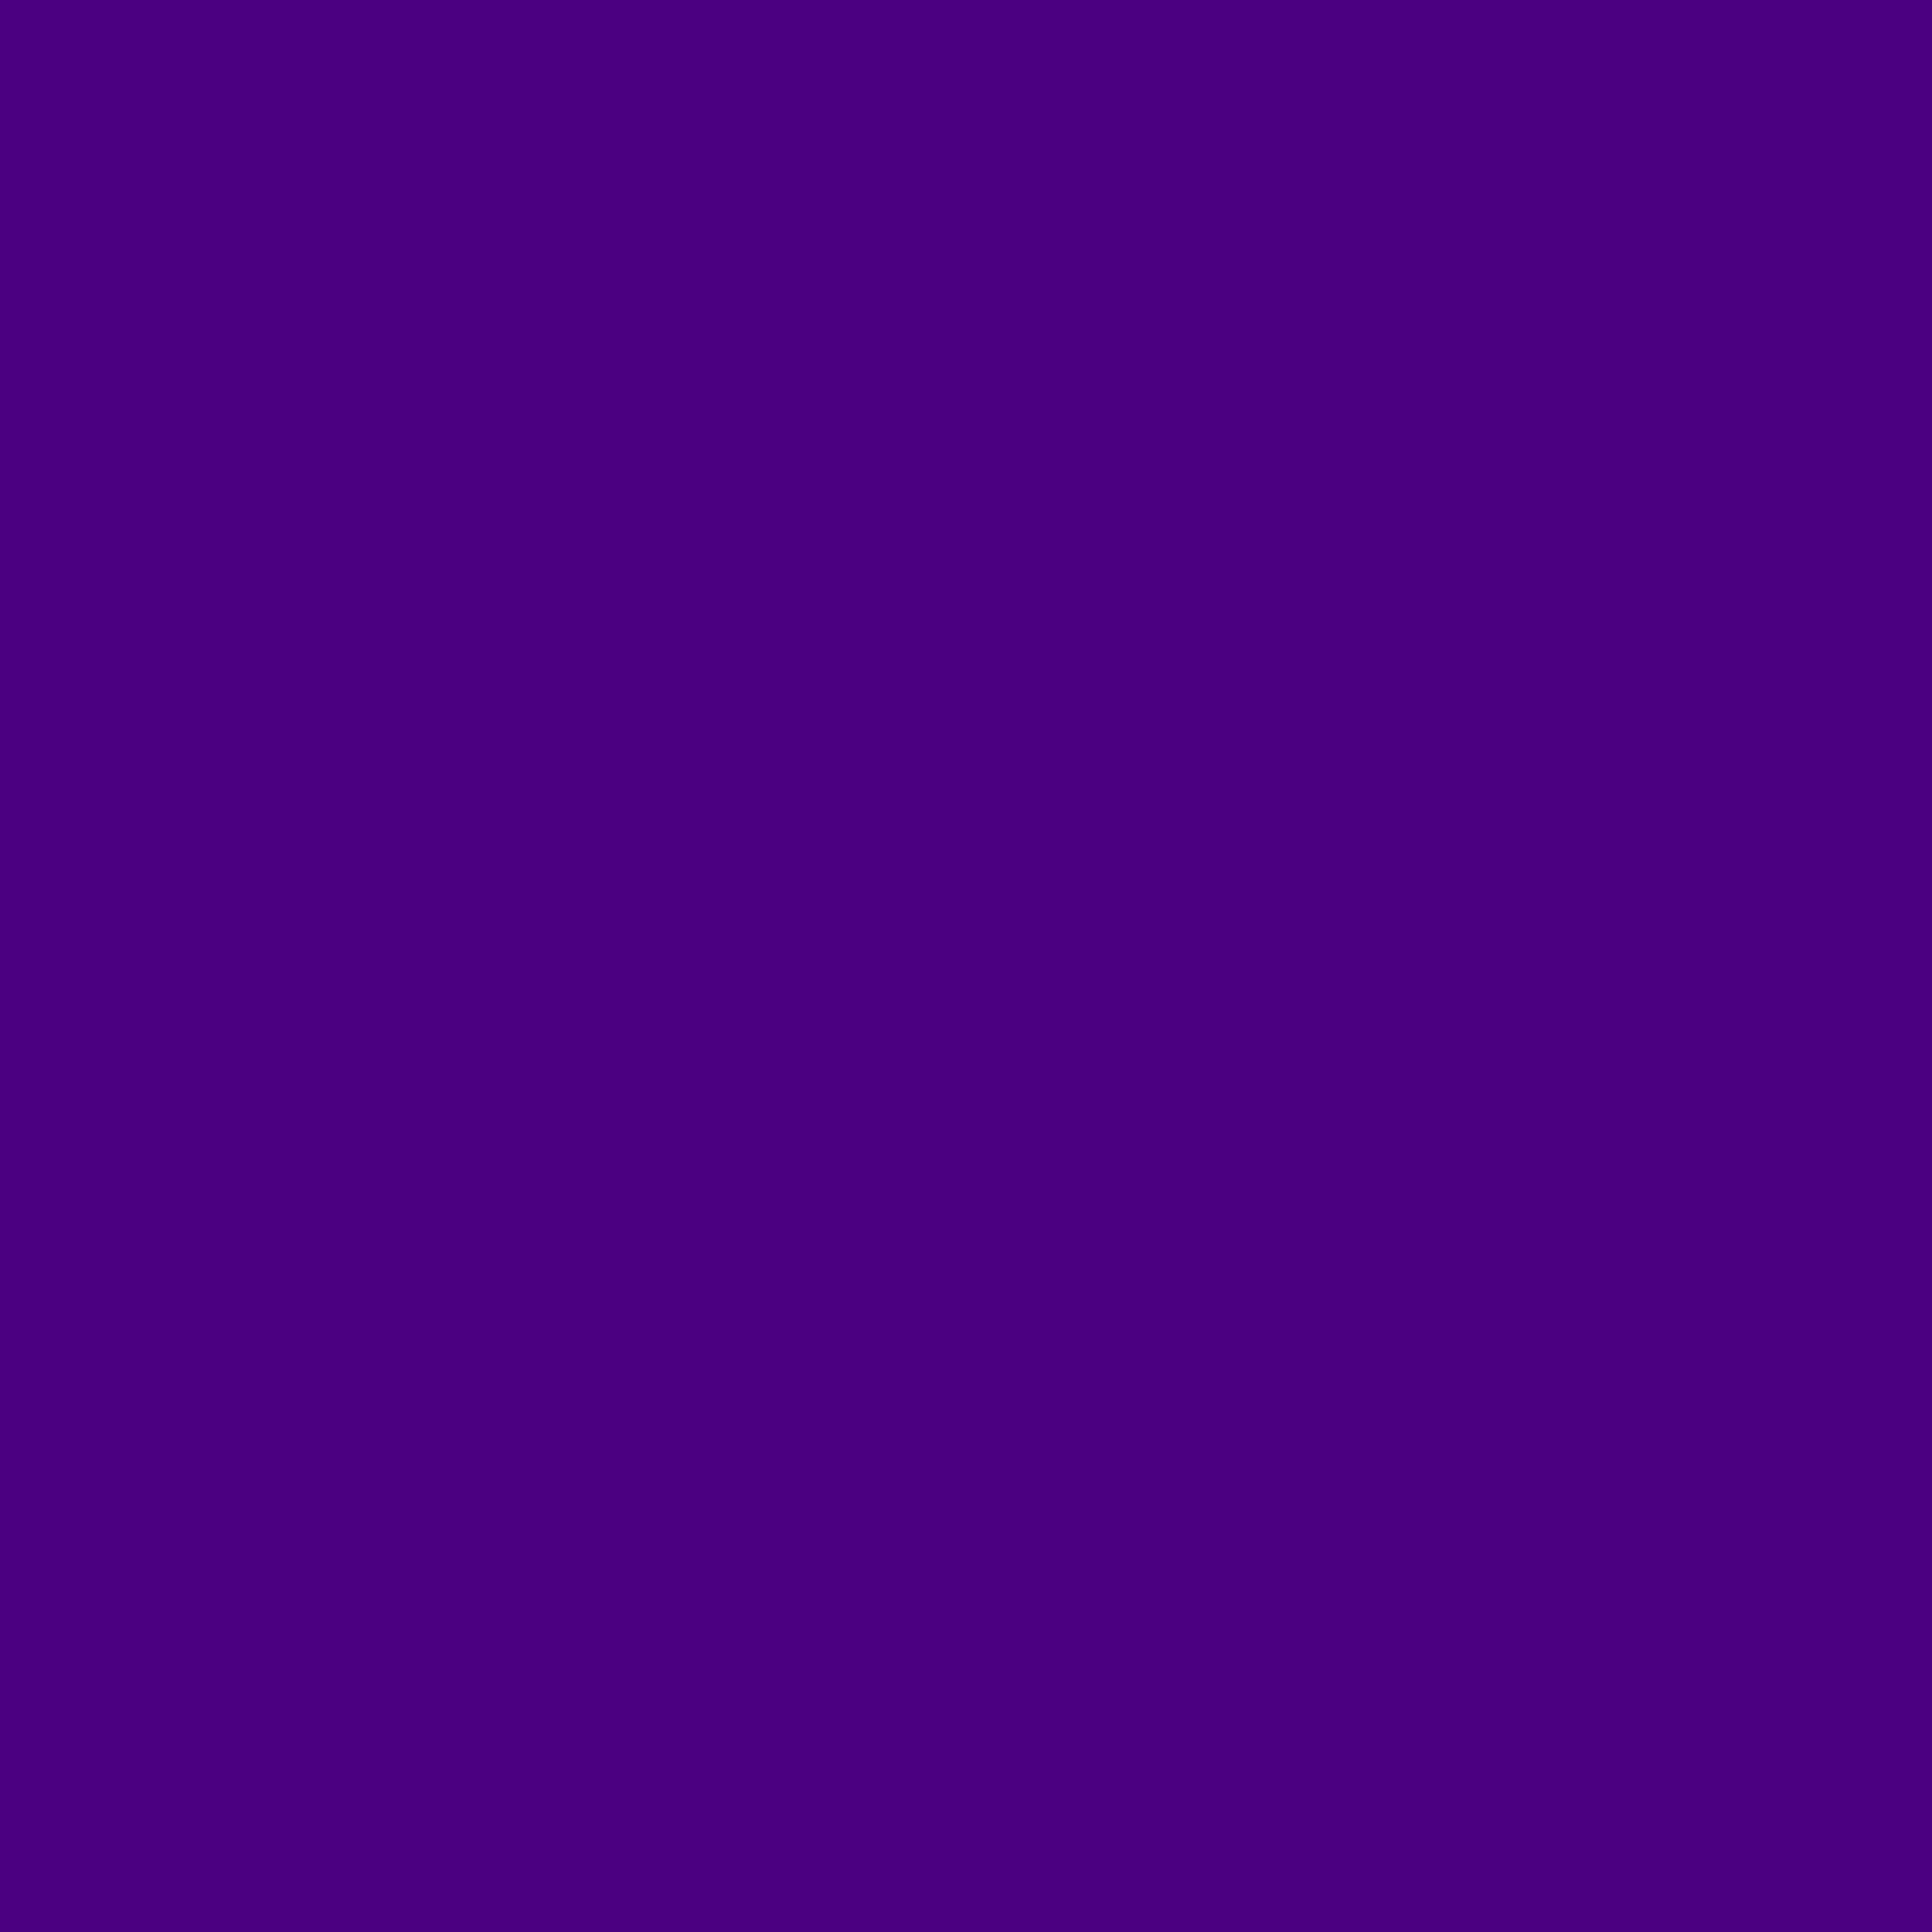 3600x3600 Indigo Web Solid Color Background